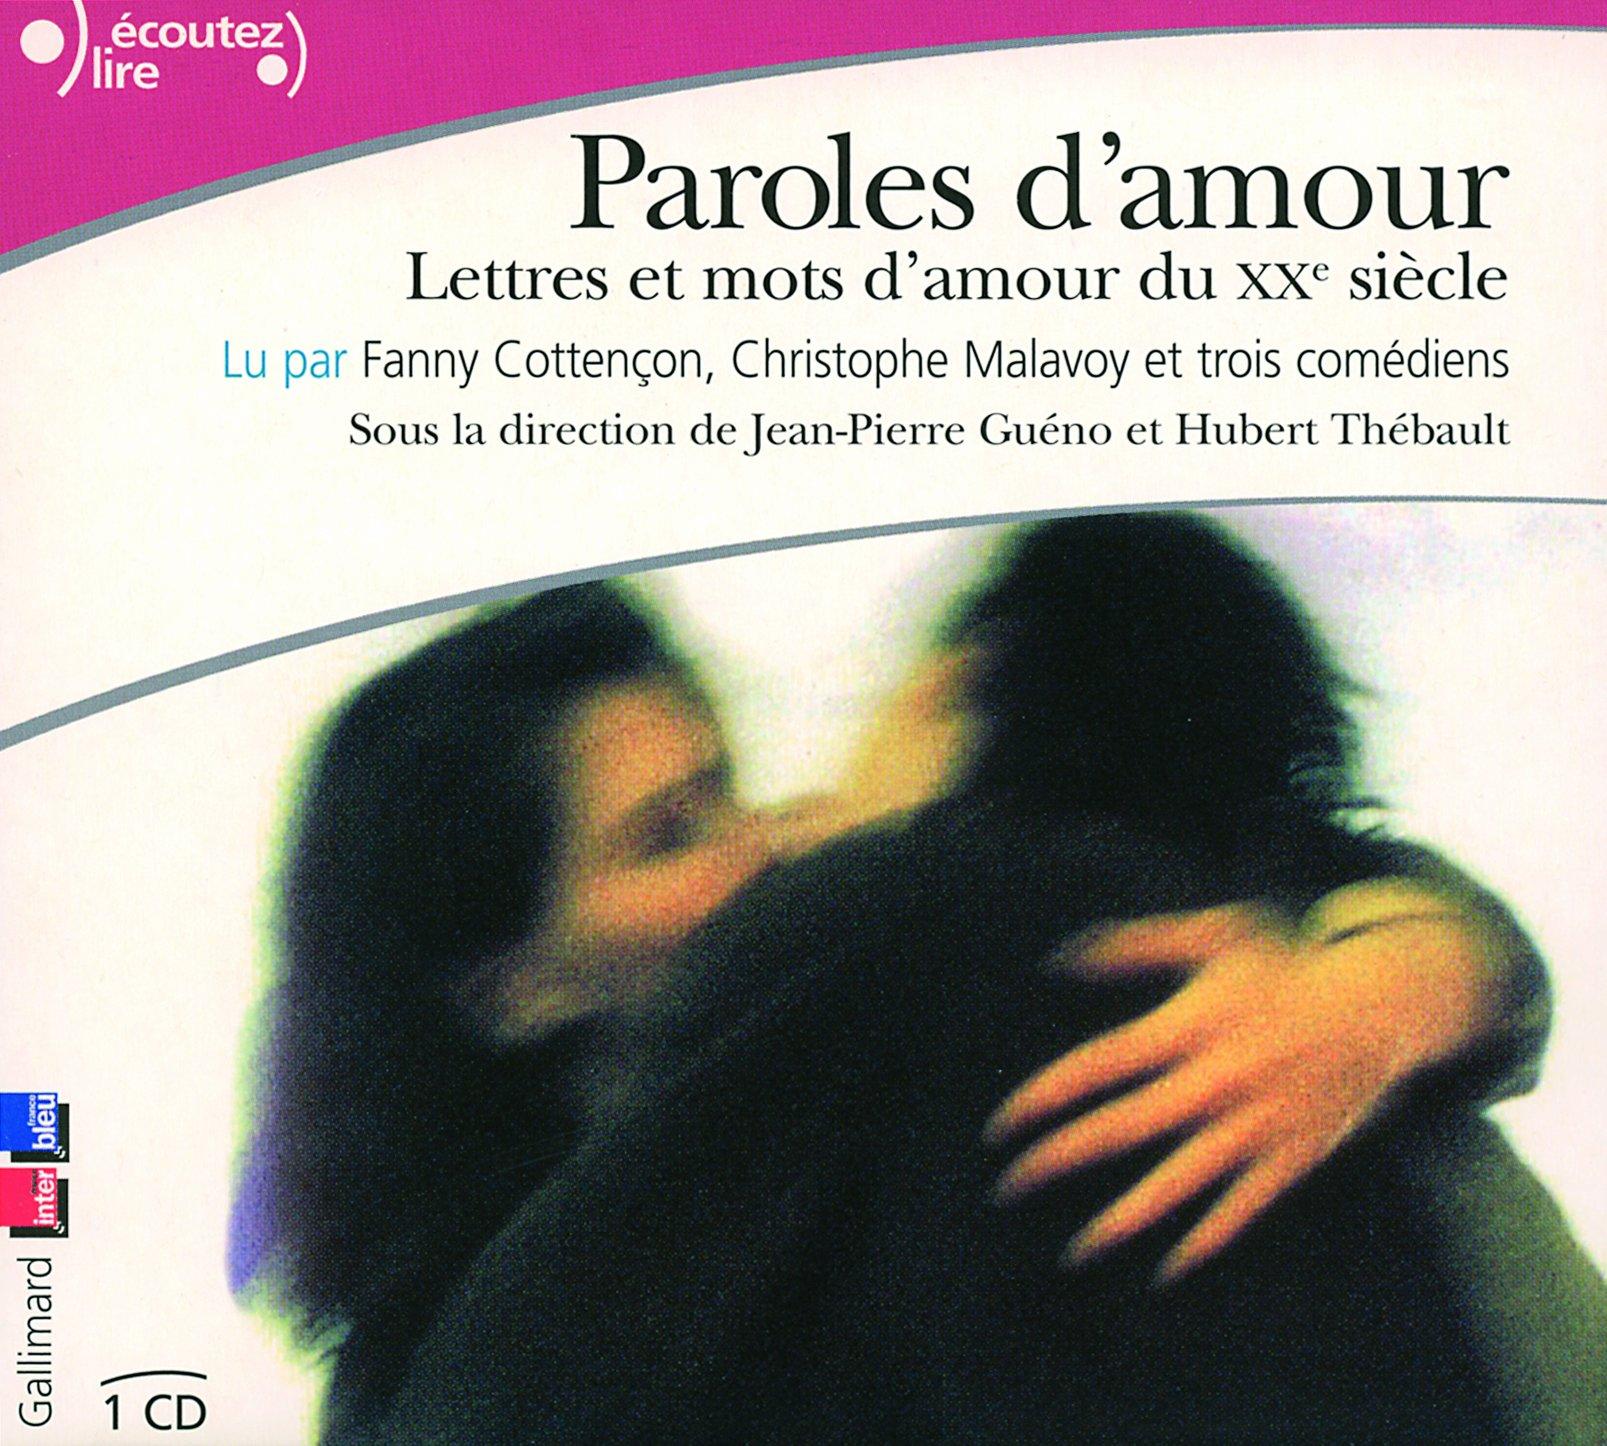 Paroles Damour Lettres Et Mots Damour Du Xxᵉ Siècle